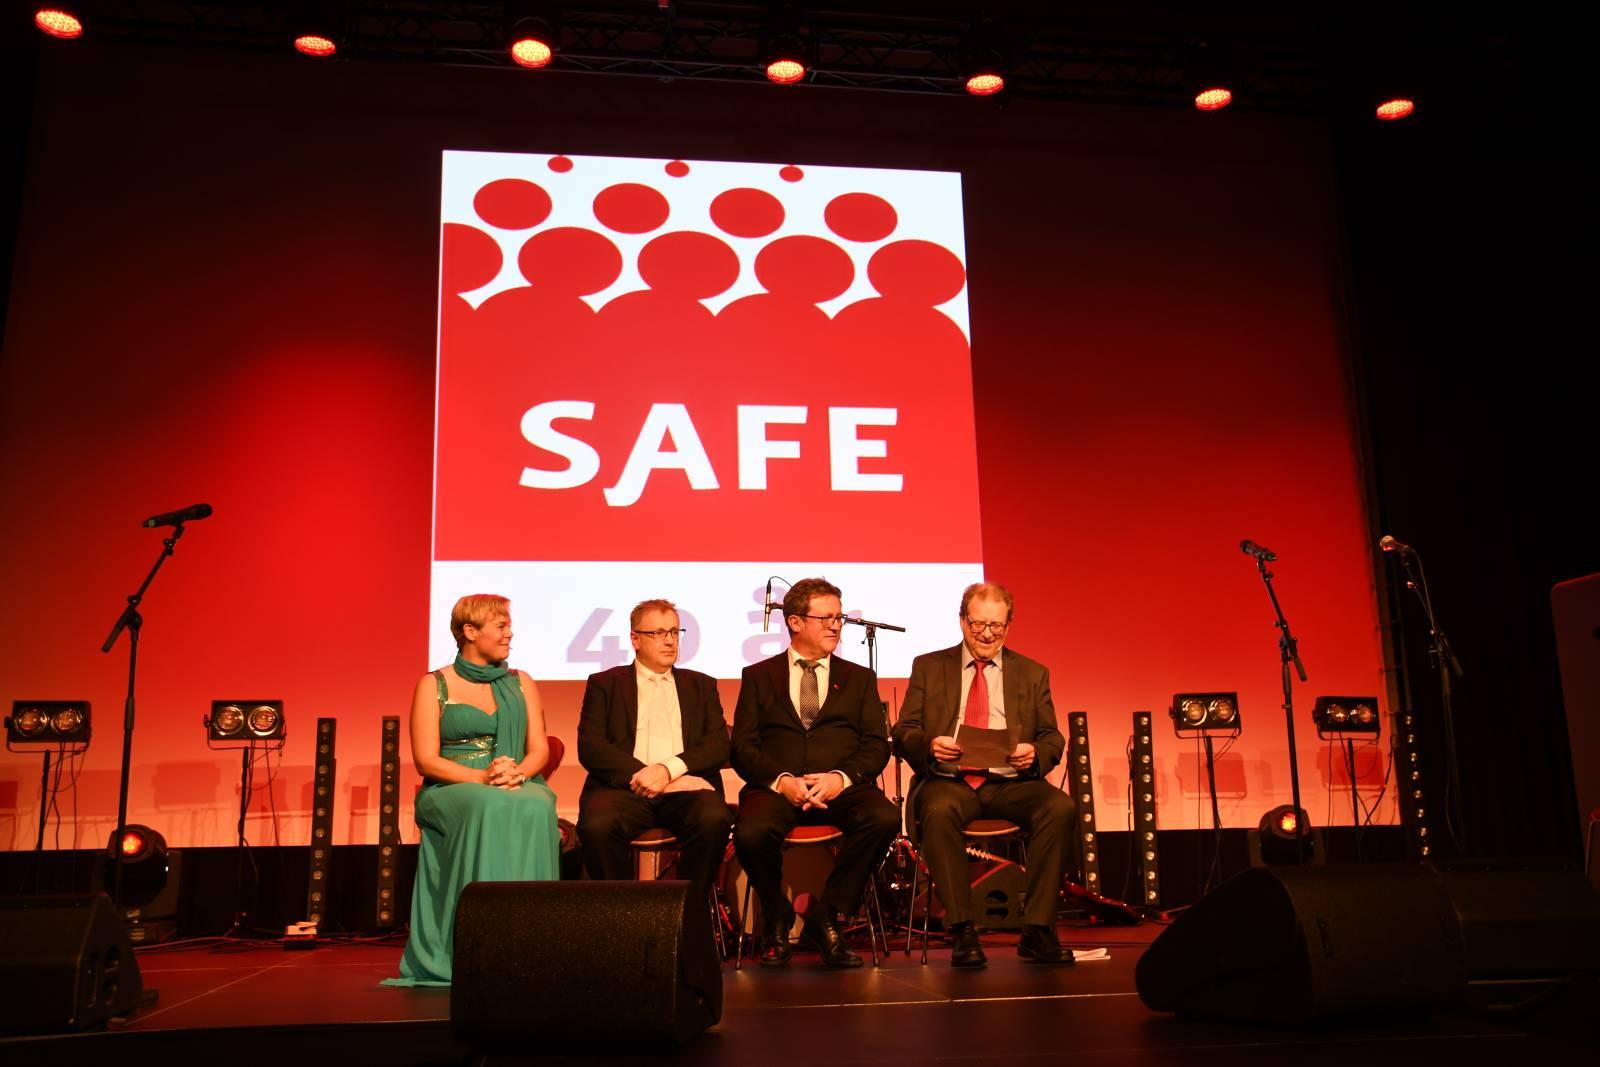 Hilde-Marit Rysst, Knut Thorvaldsen, viseadministrerende direktør i Nog og Roy Erling Furre i samtale med Arnt Even Bøe.